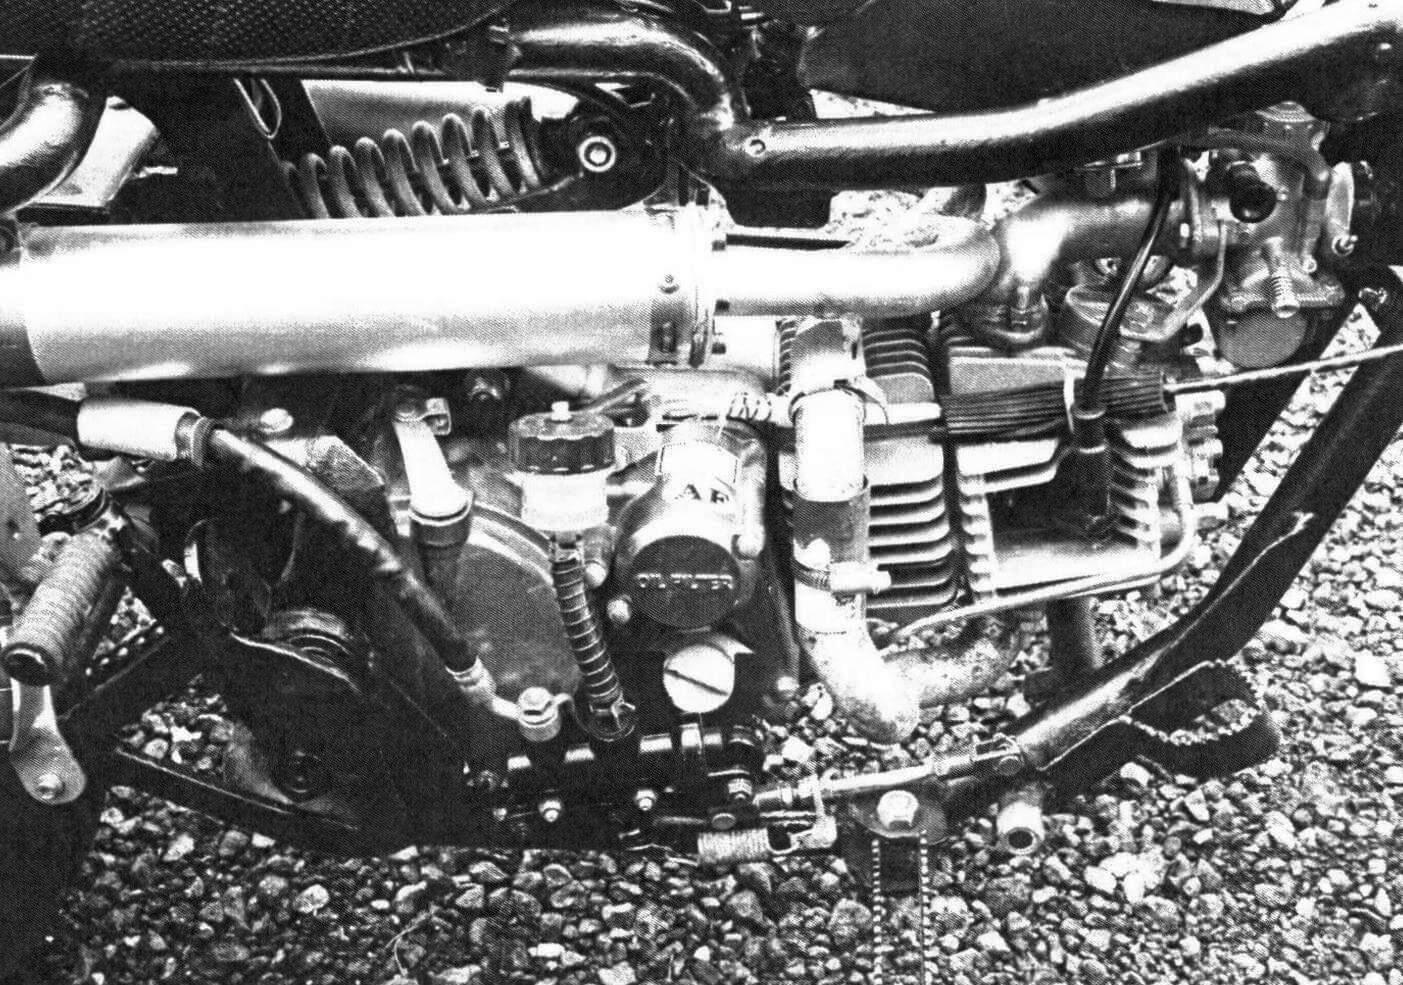 Силовой агрегат новый - четырехтактный двигатель YX160 в сборе с четырехступенчатой КПП